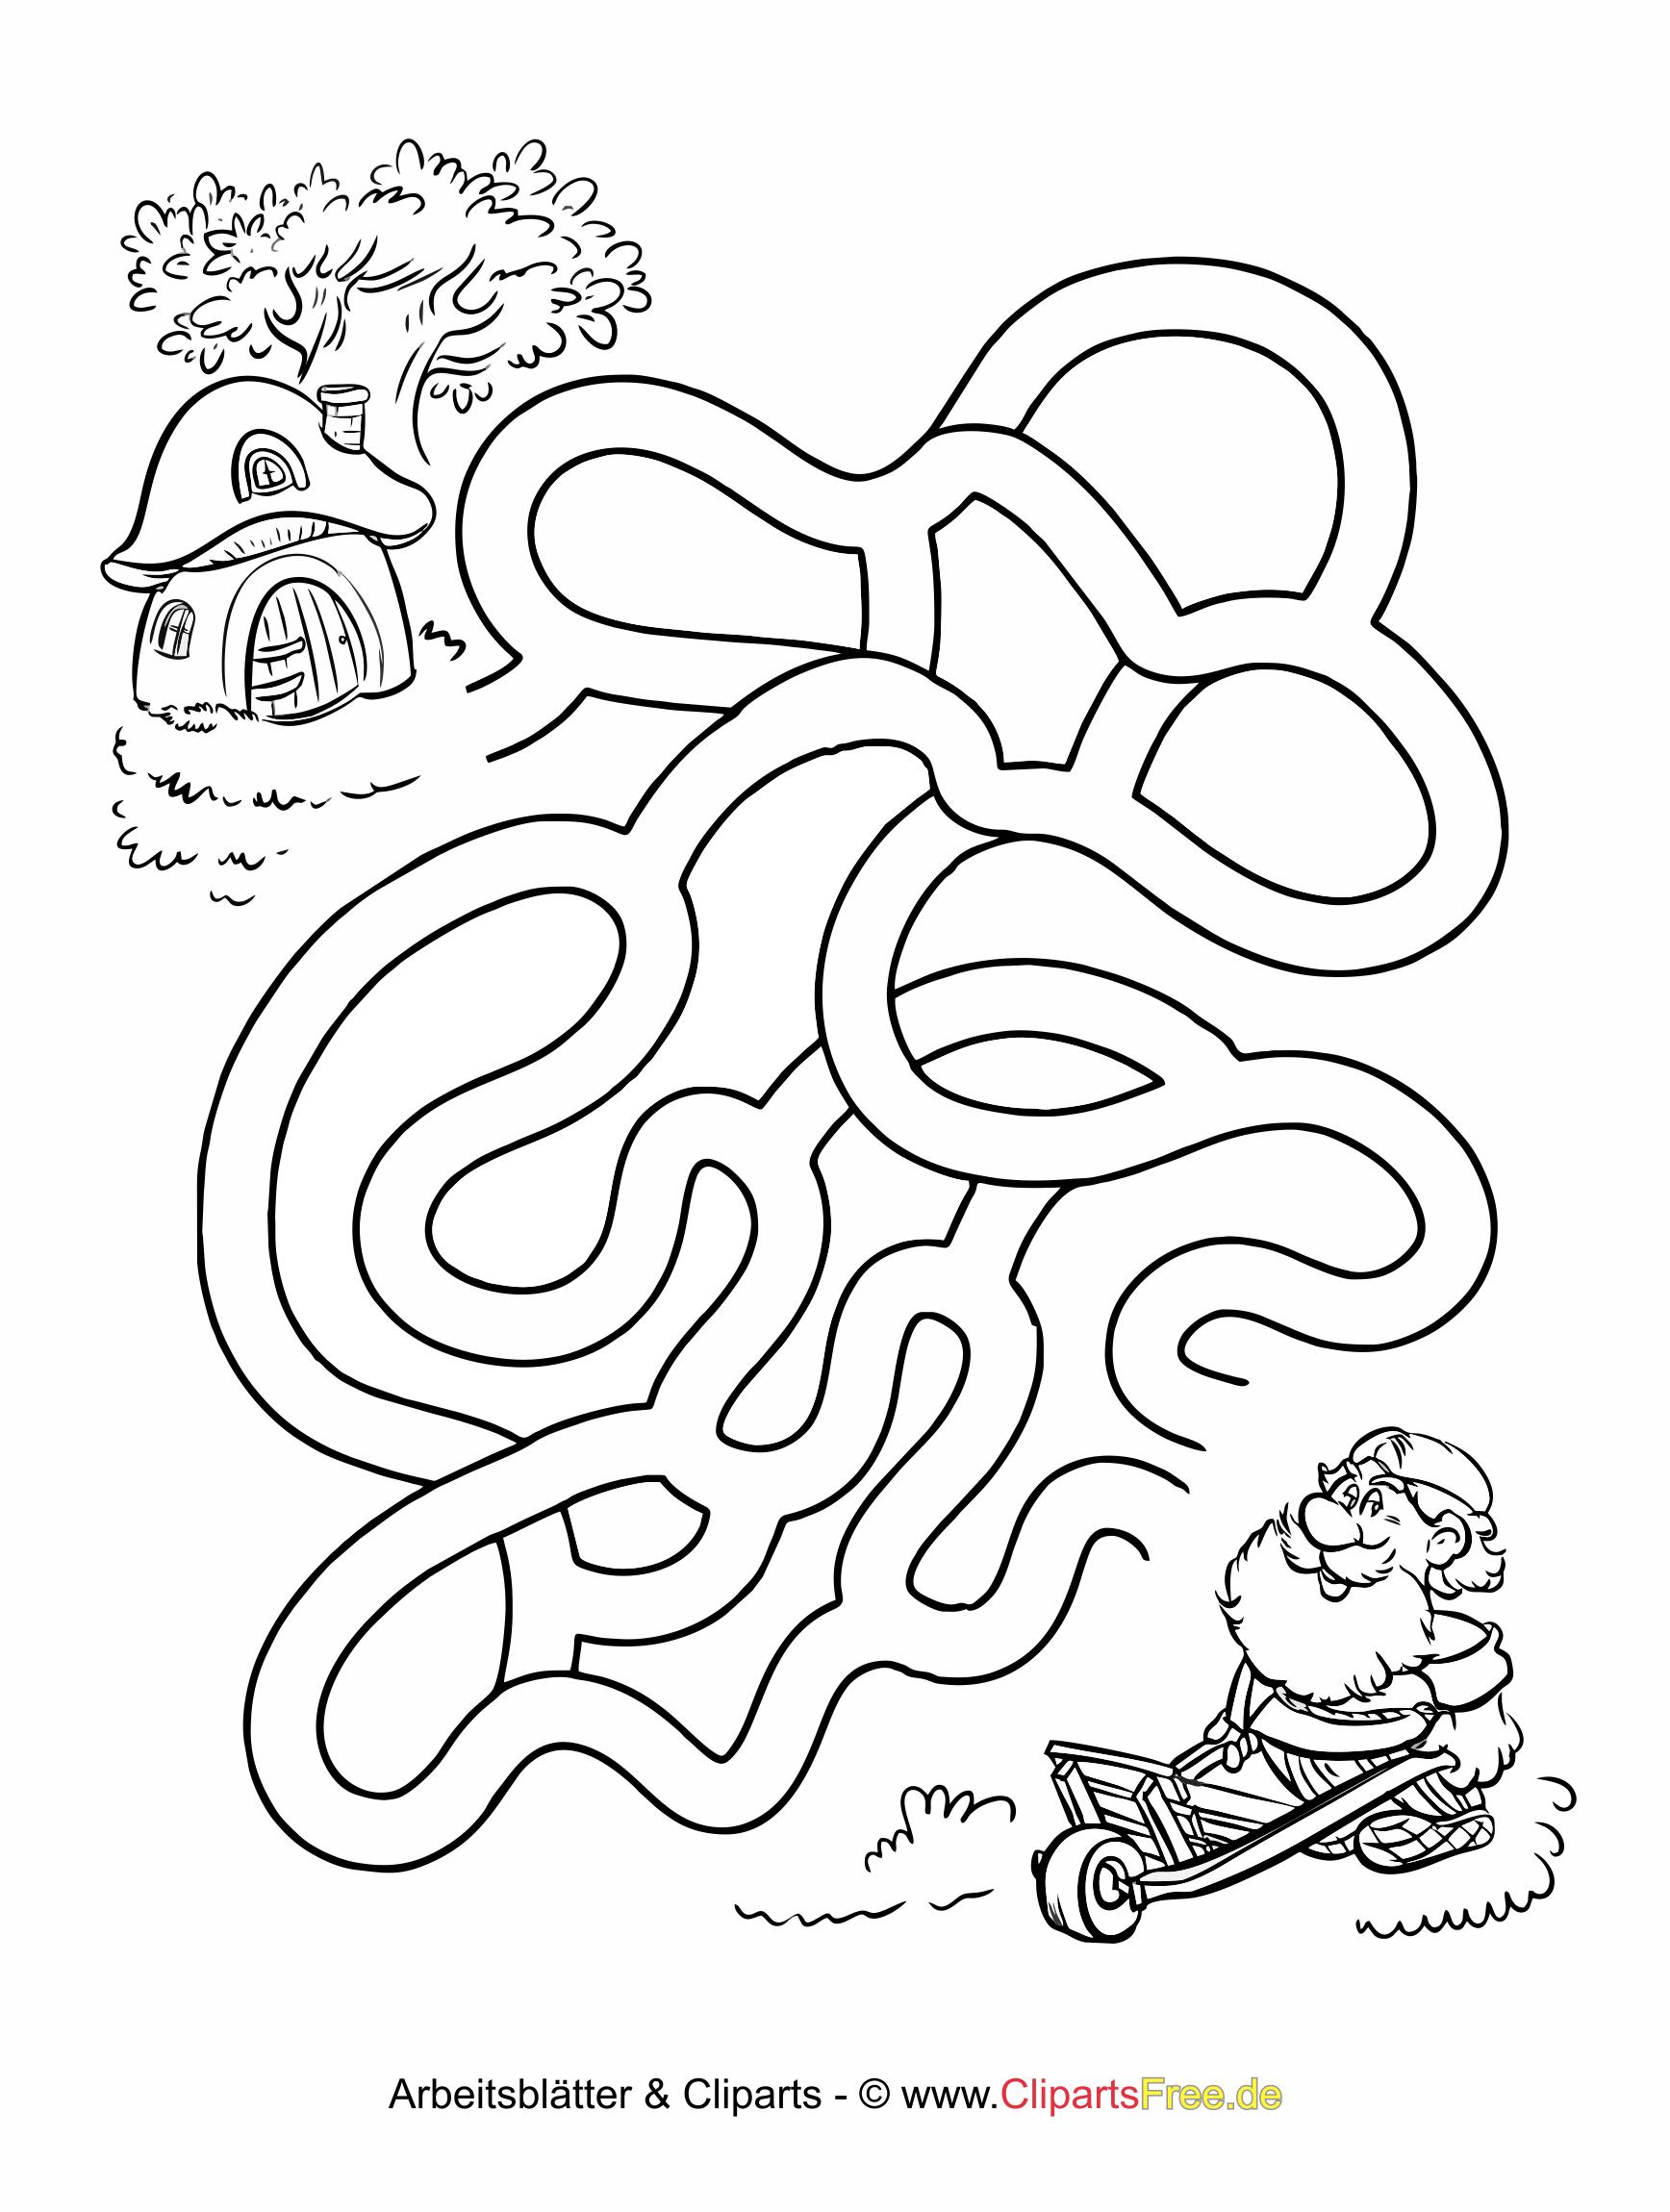 labyrinth zum ausdrucken fur erwachsene